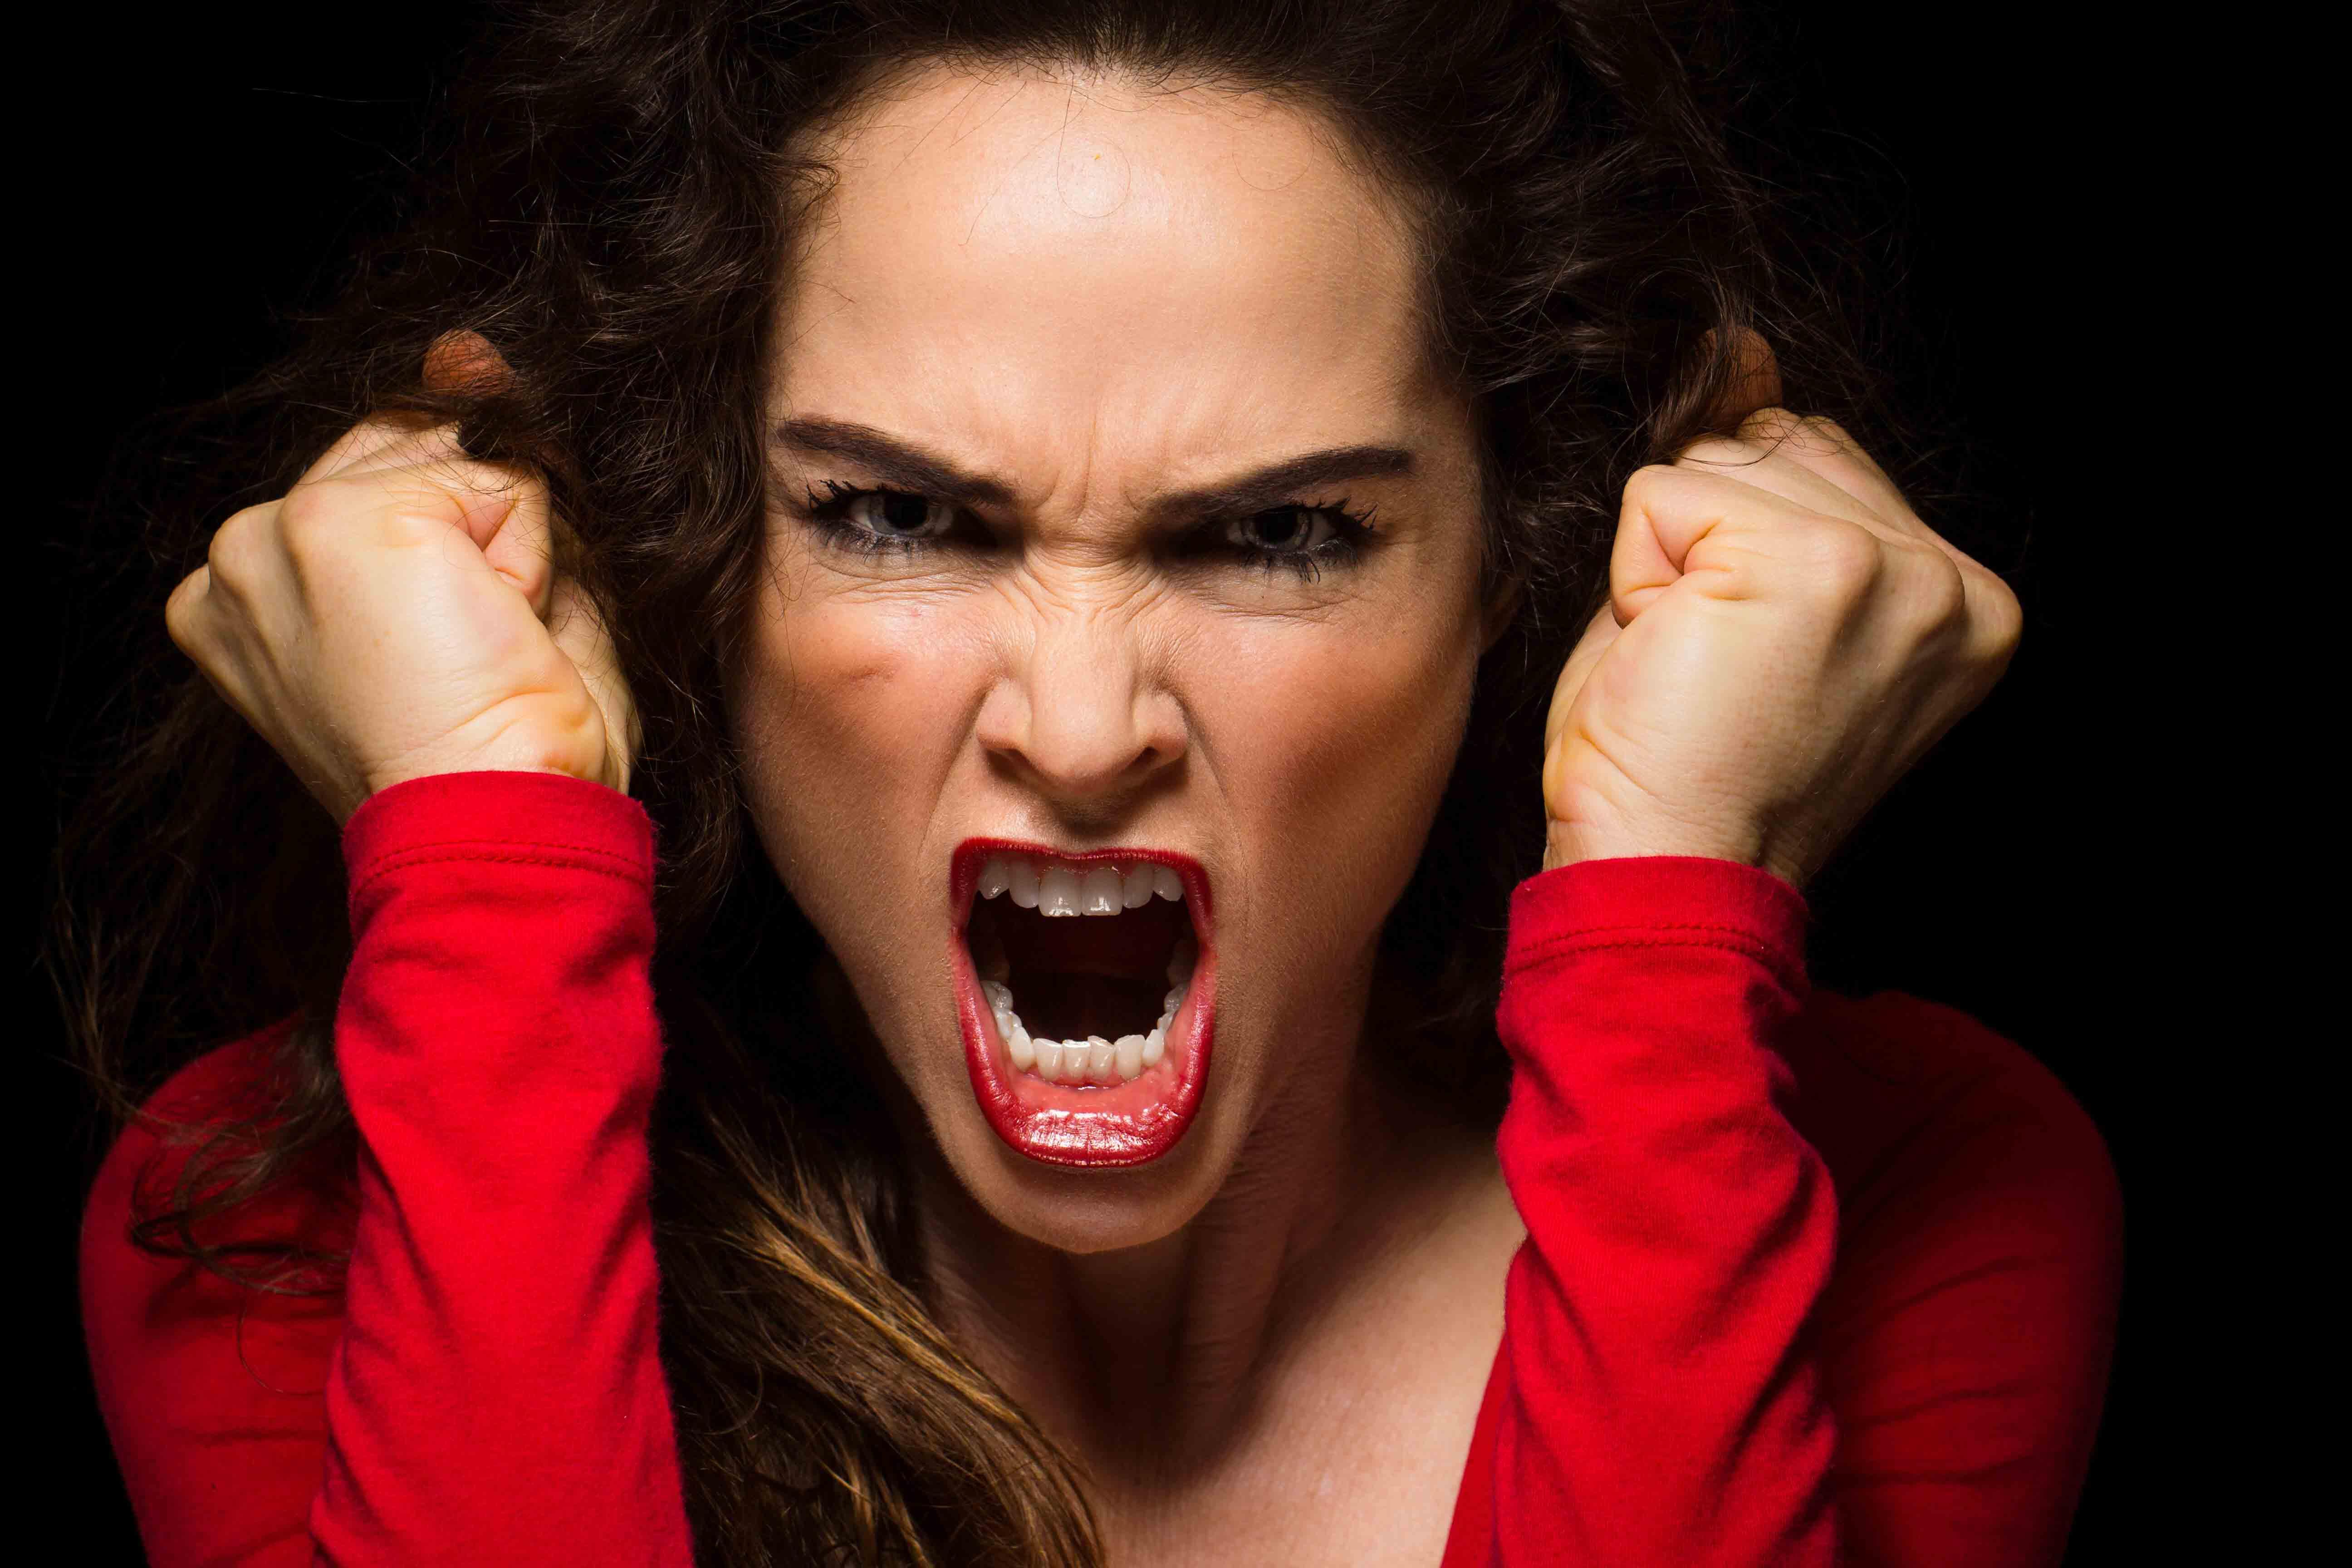 Гнев: что это такое и его причины, 9 способов управления гневом